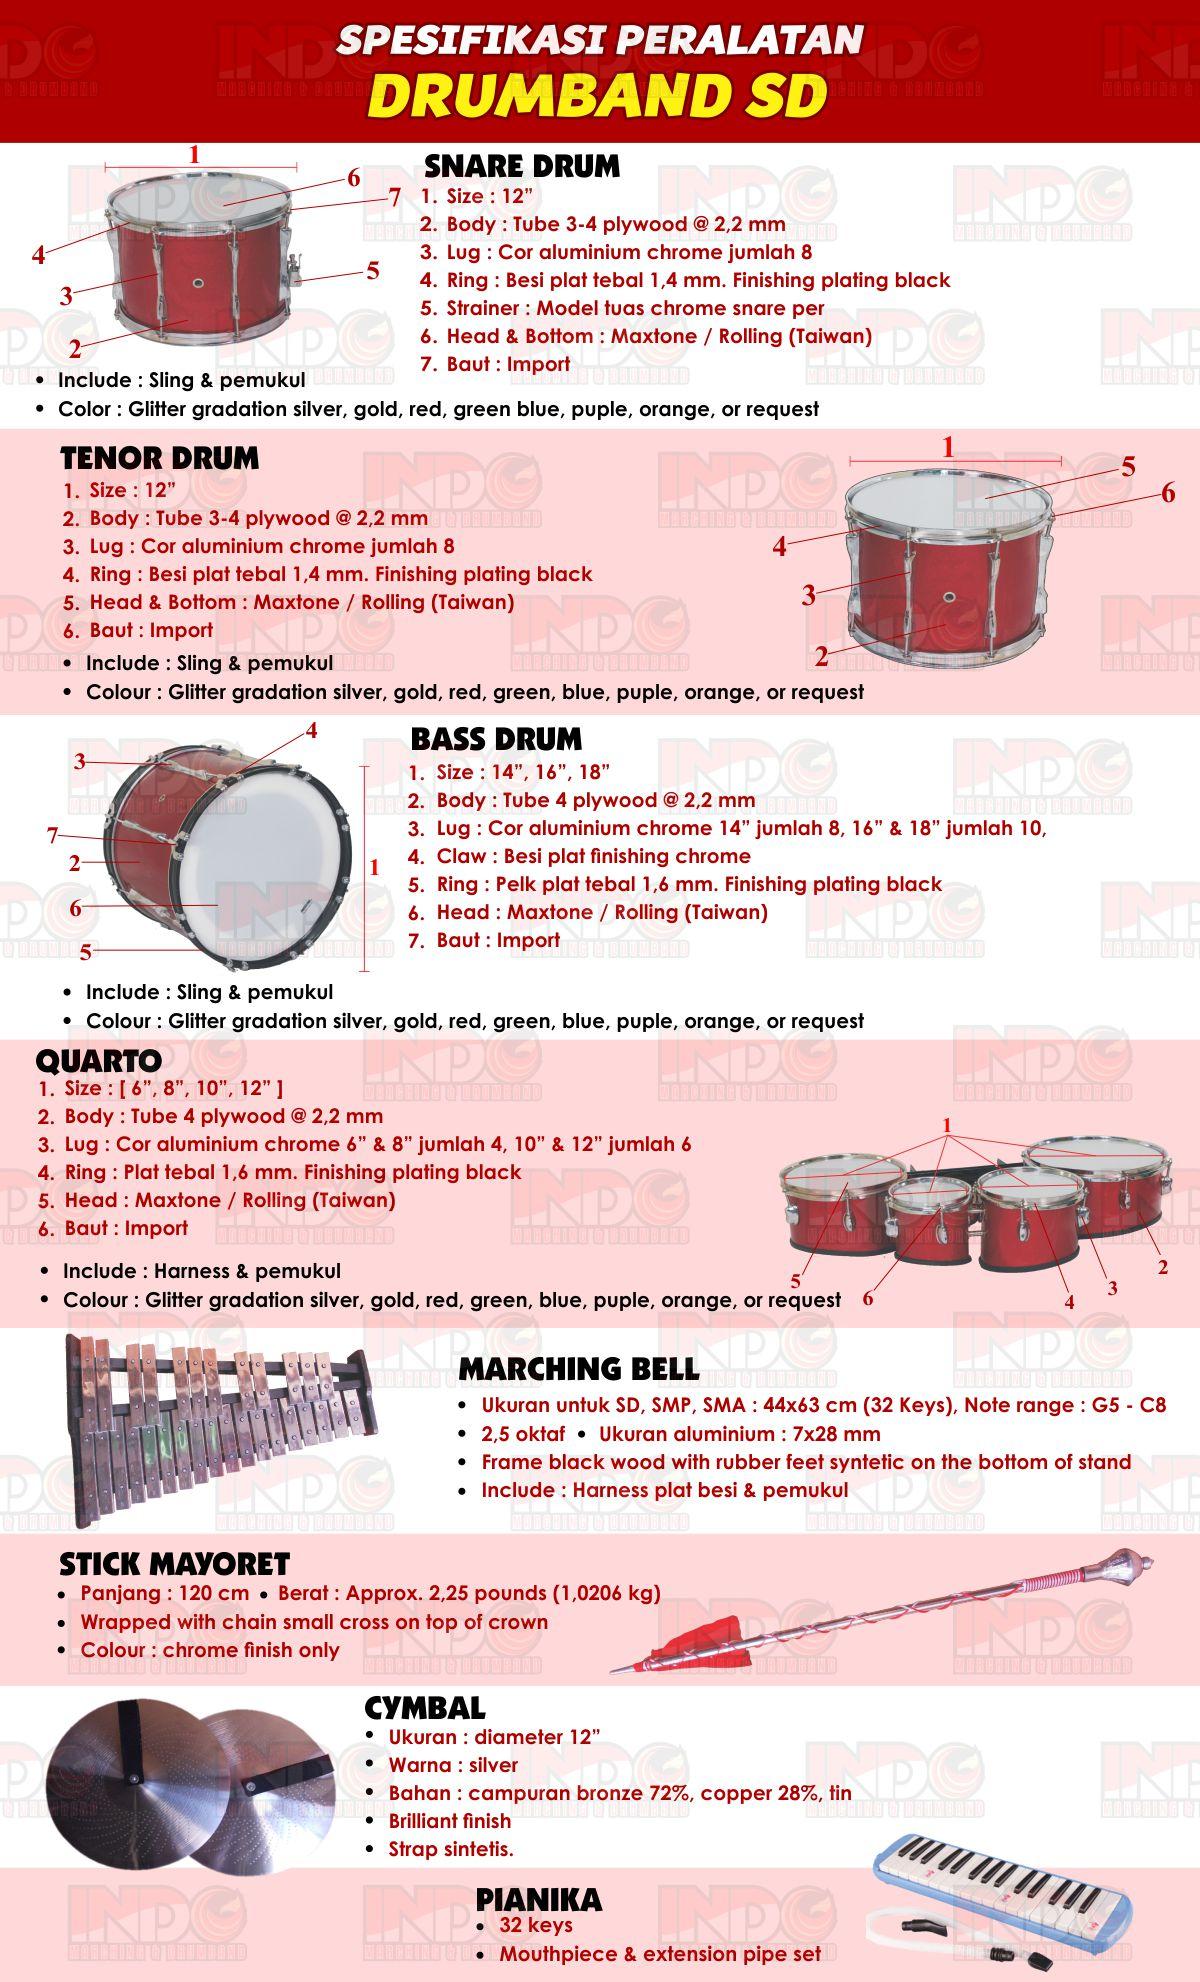 02 Spesifikasi Drumband SD